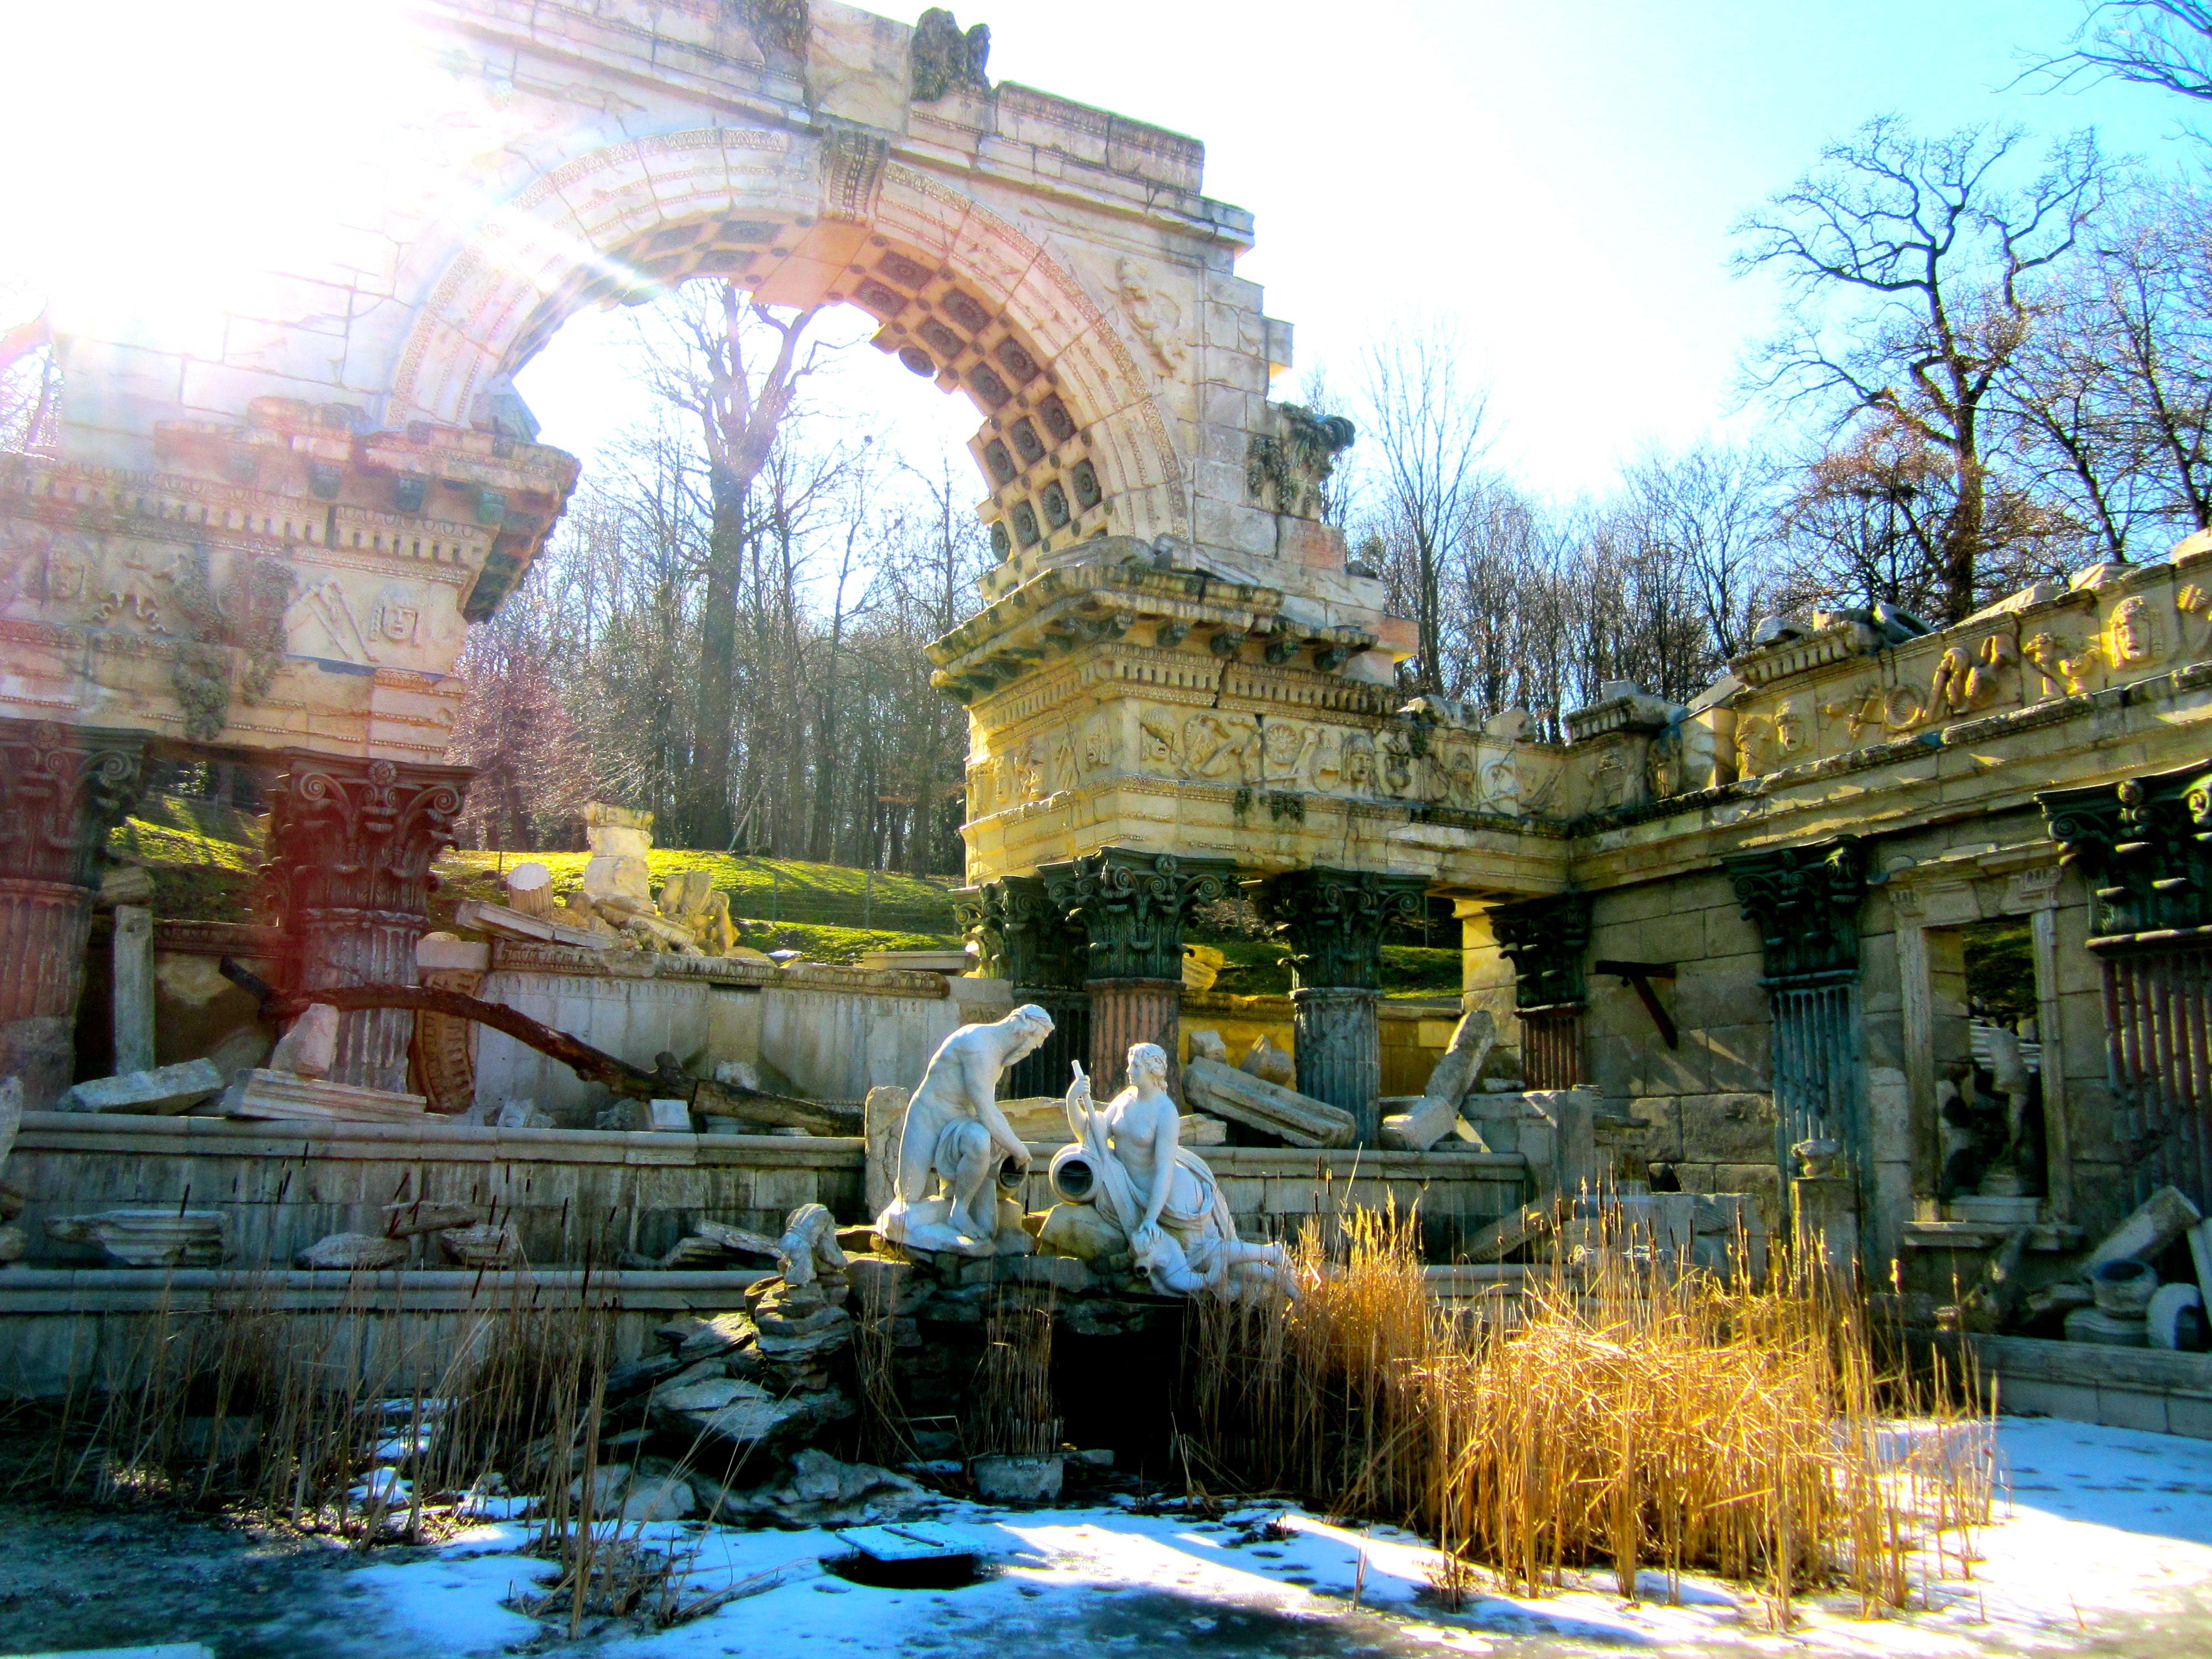 Spend A Day At Schönbrunn Palace In Vienna A Tourist Hotspot And